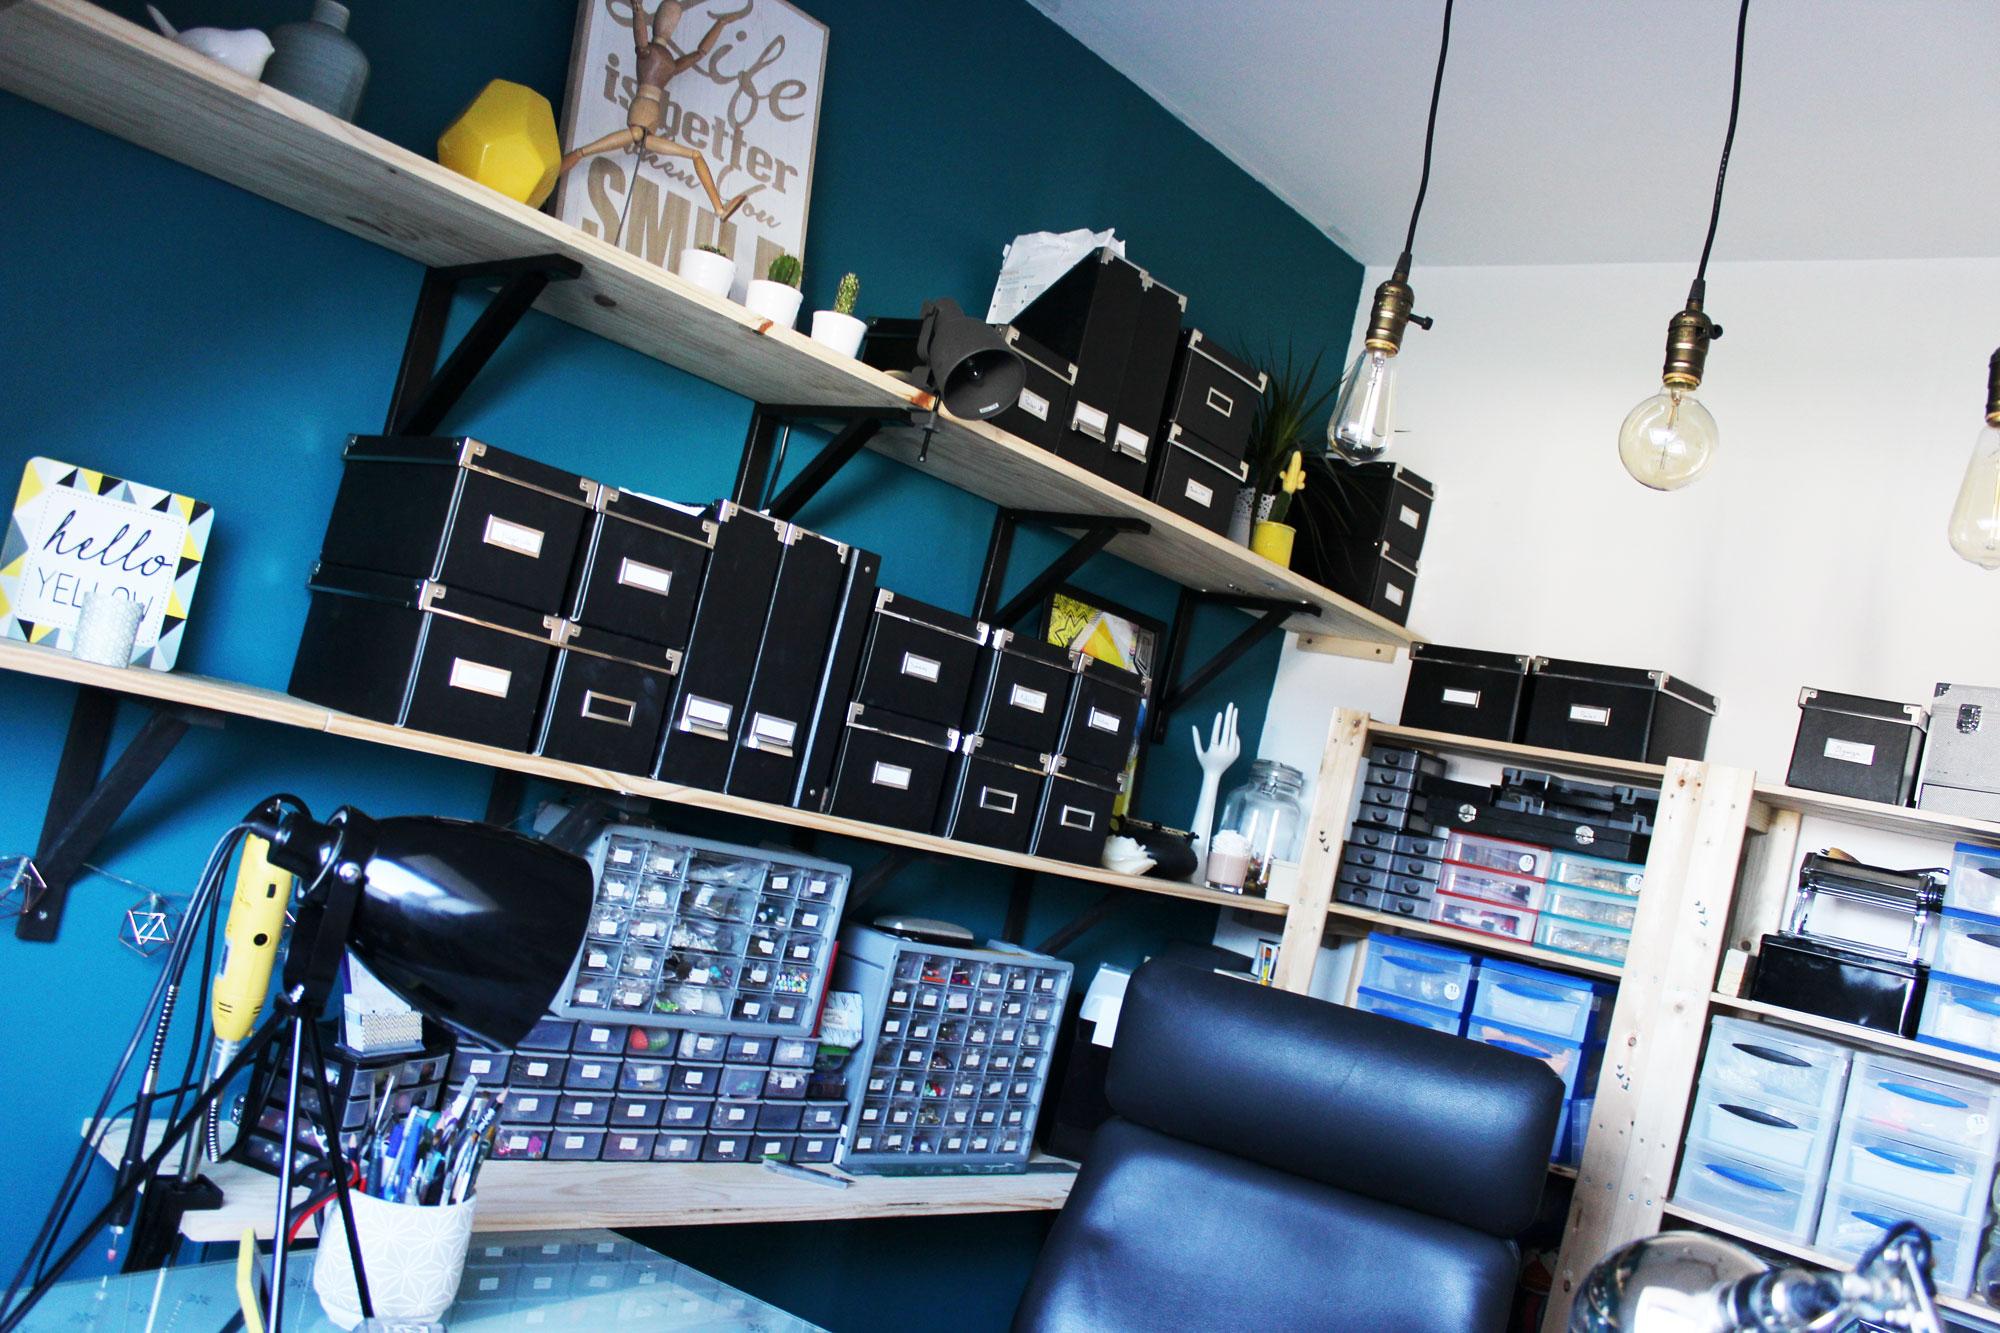 Les nombreuses étagères de rangement de l'atelier